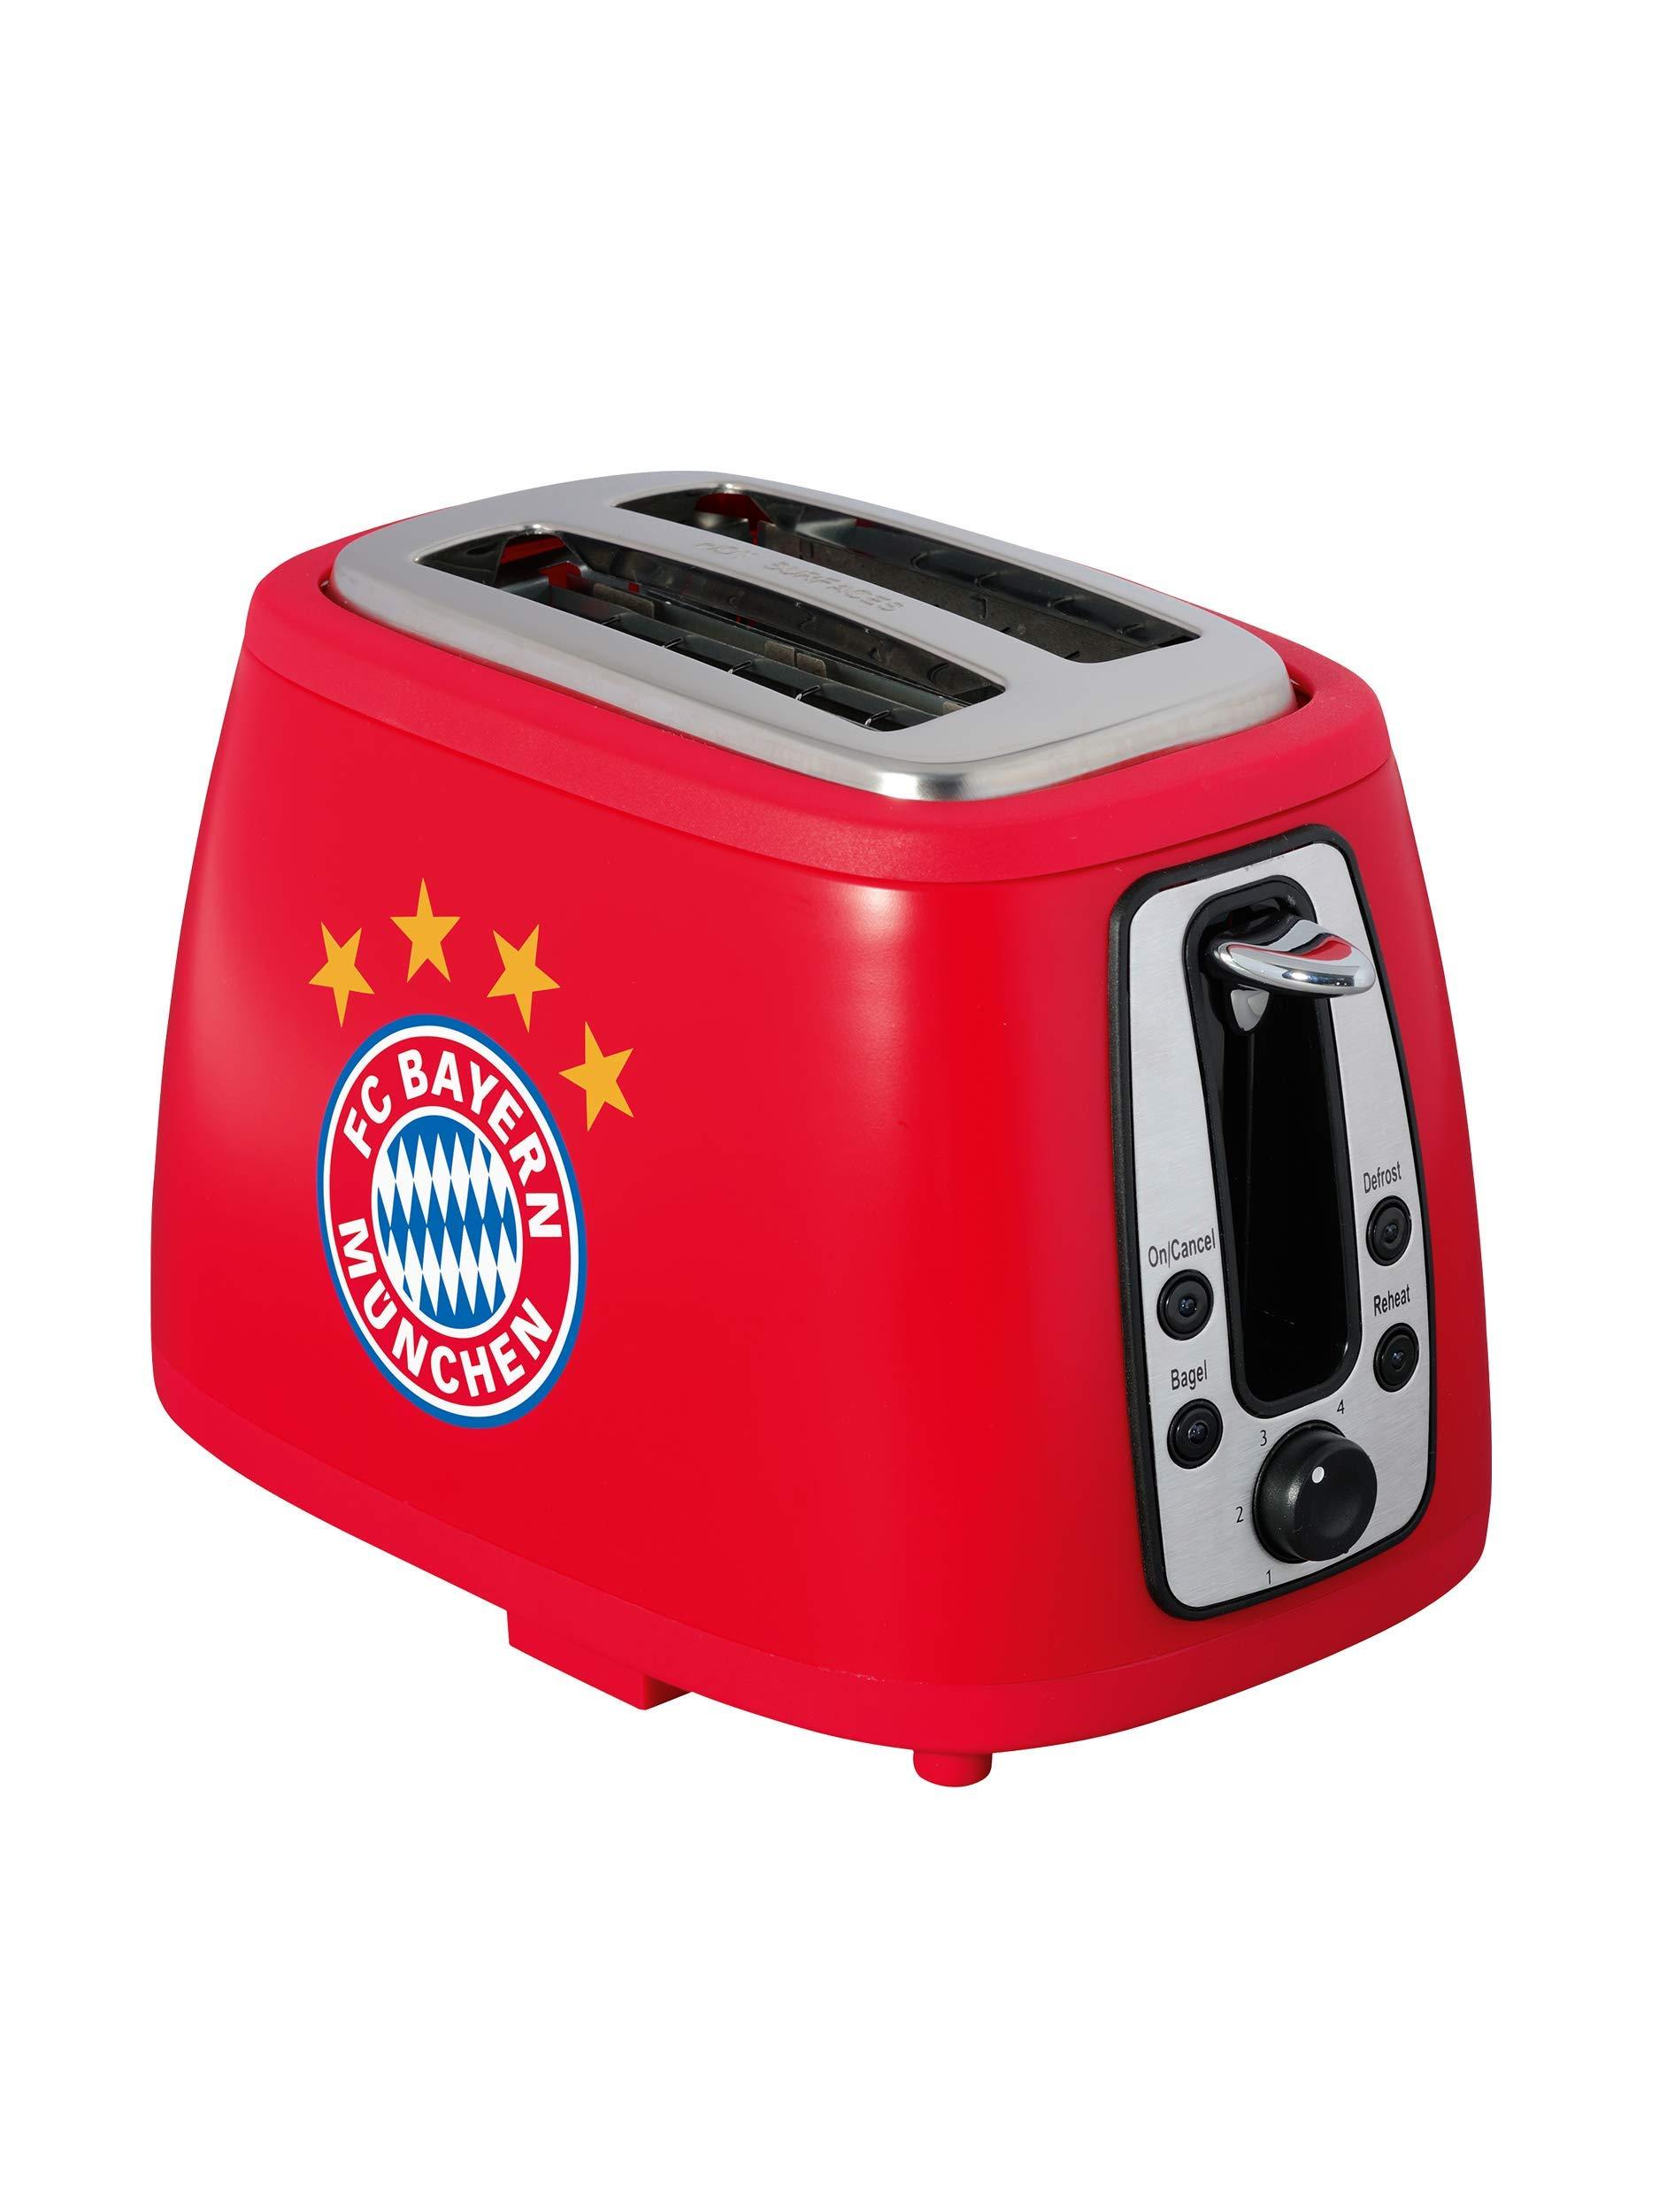 FC-Bayern-Mnchen-Sound-Toaster-Stern-des-Sdens-Hymne-brunt-FCB-aufs-Toast